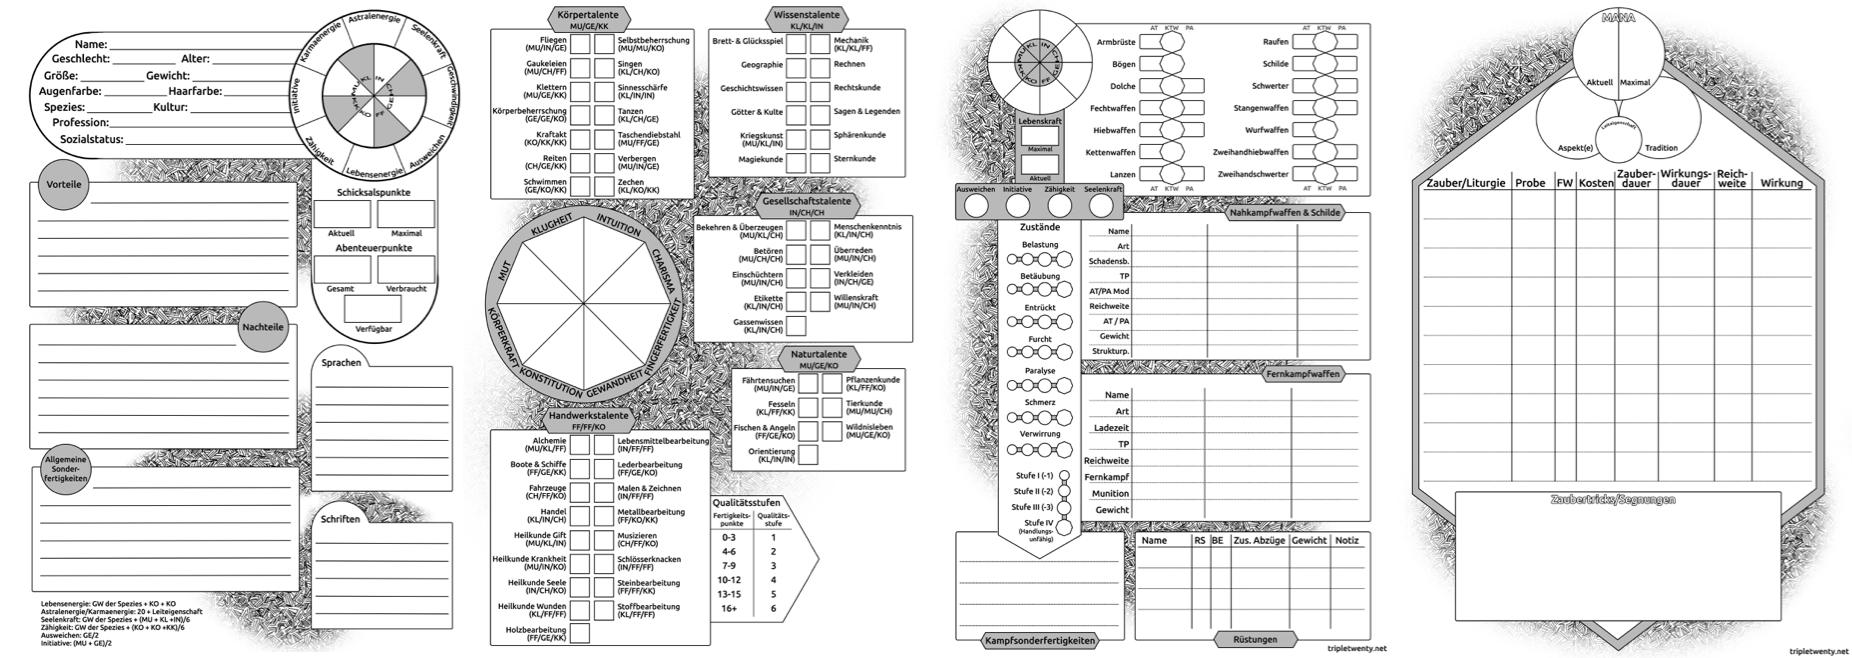 dsa charakterbogen 4.1 pdf